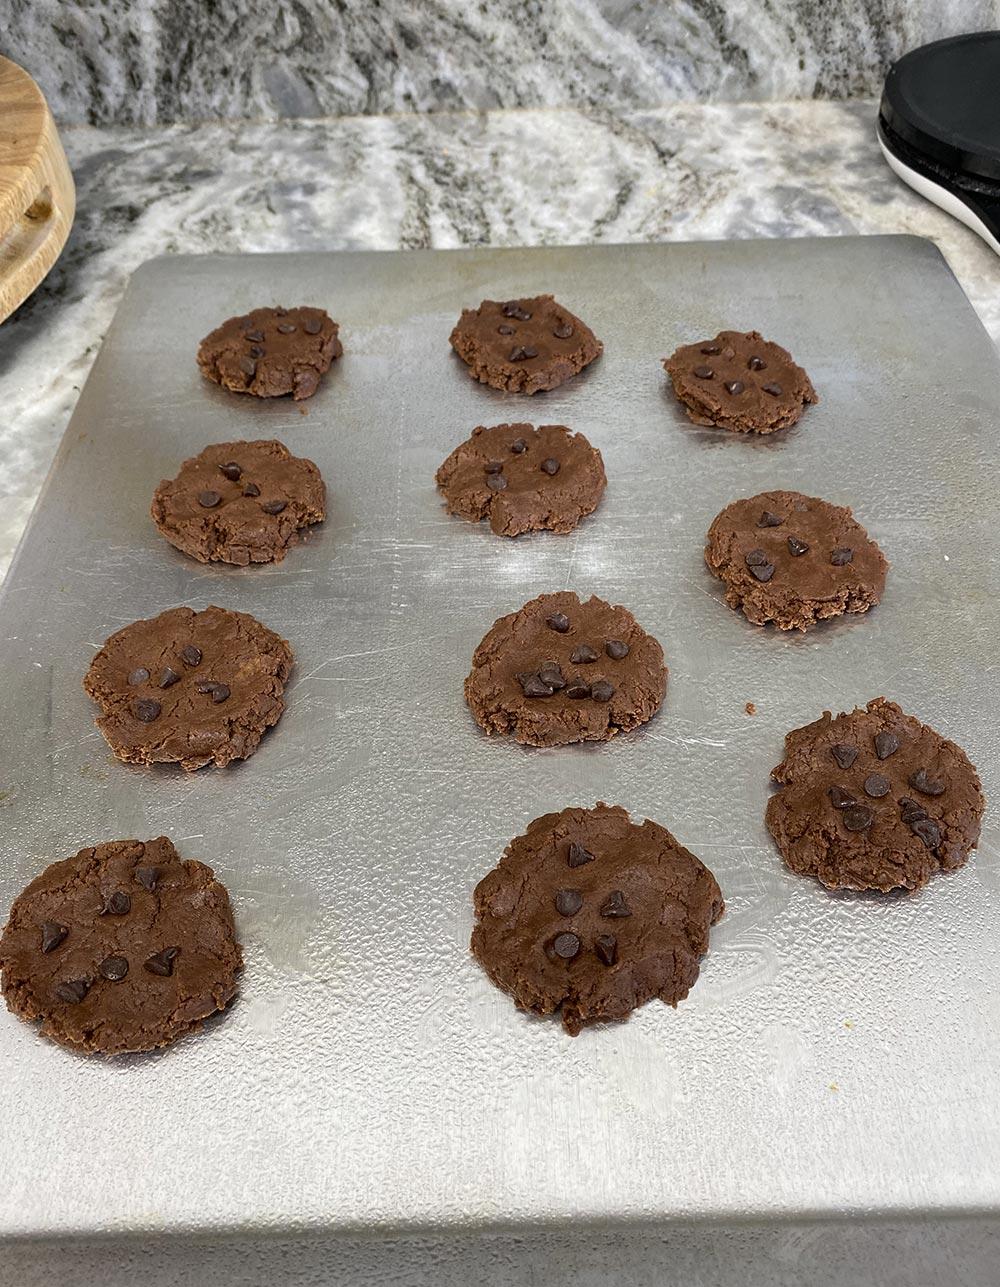 Nutella cookies before baking